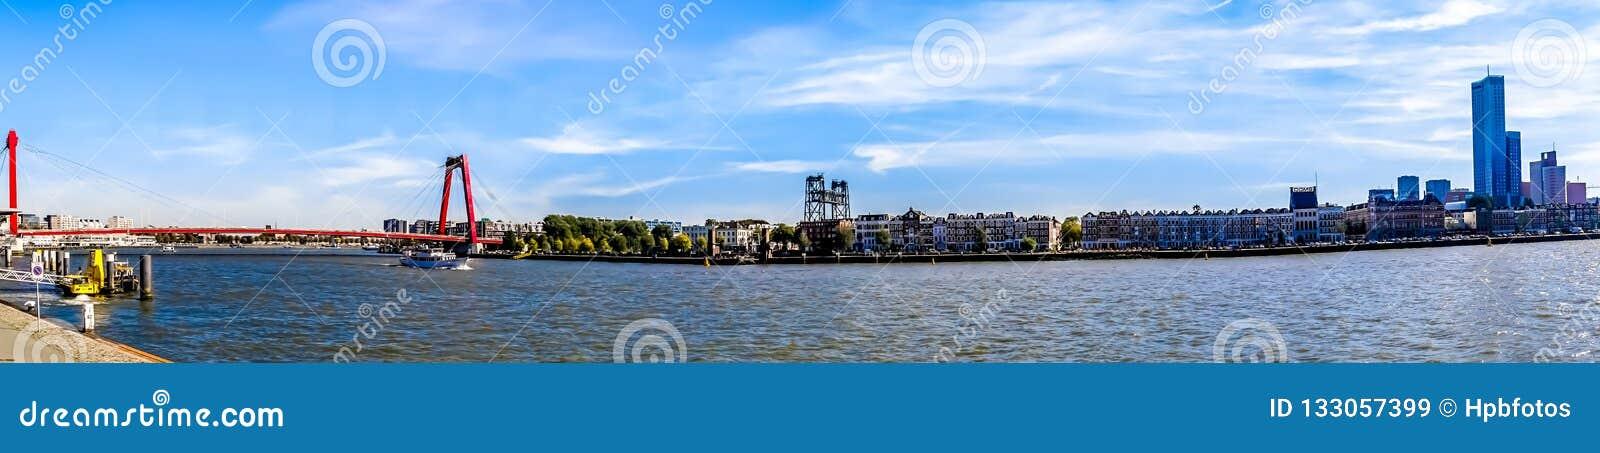 Panorama Nieuwe Maas rzeka z czerwonym kablem zostawał Willems most i historycznych domy na brzeg Noordereiland